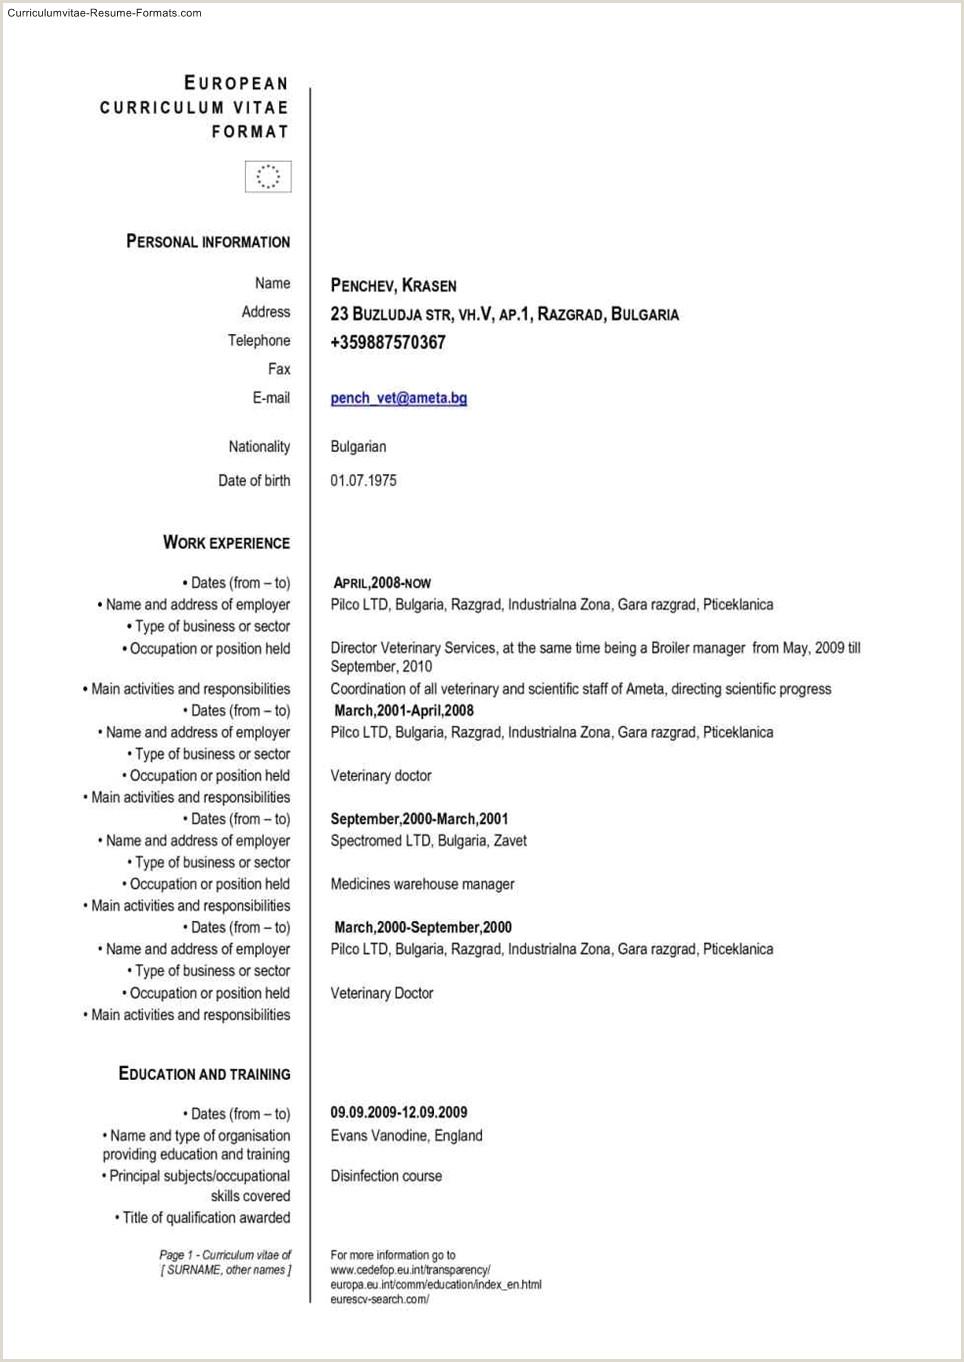 25 European Cv Format